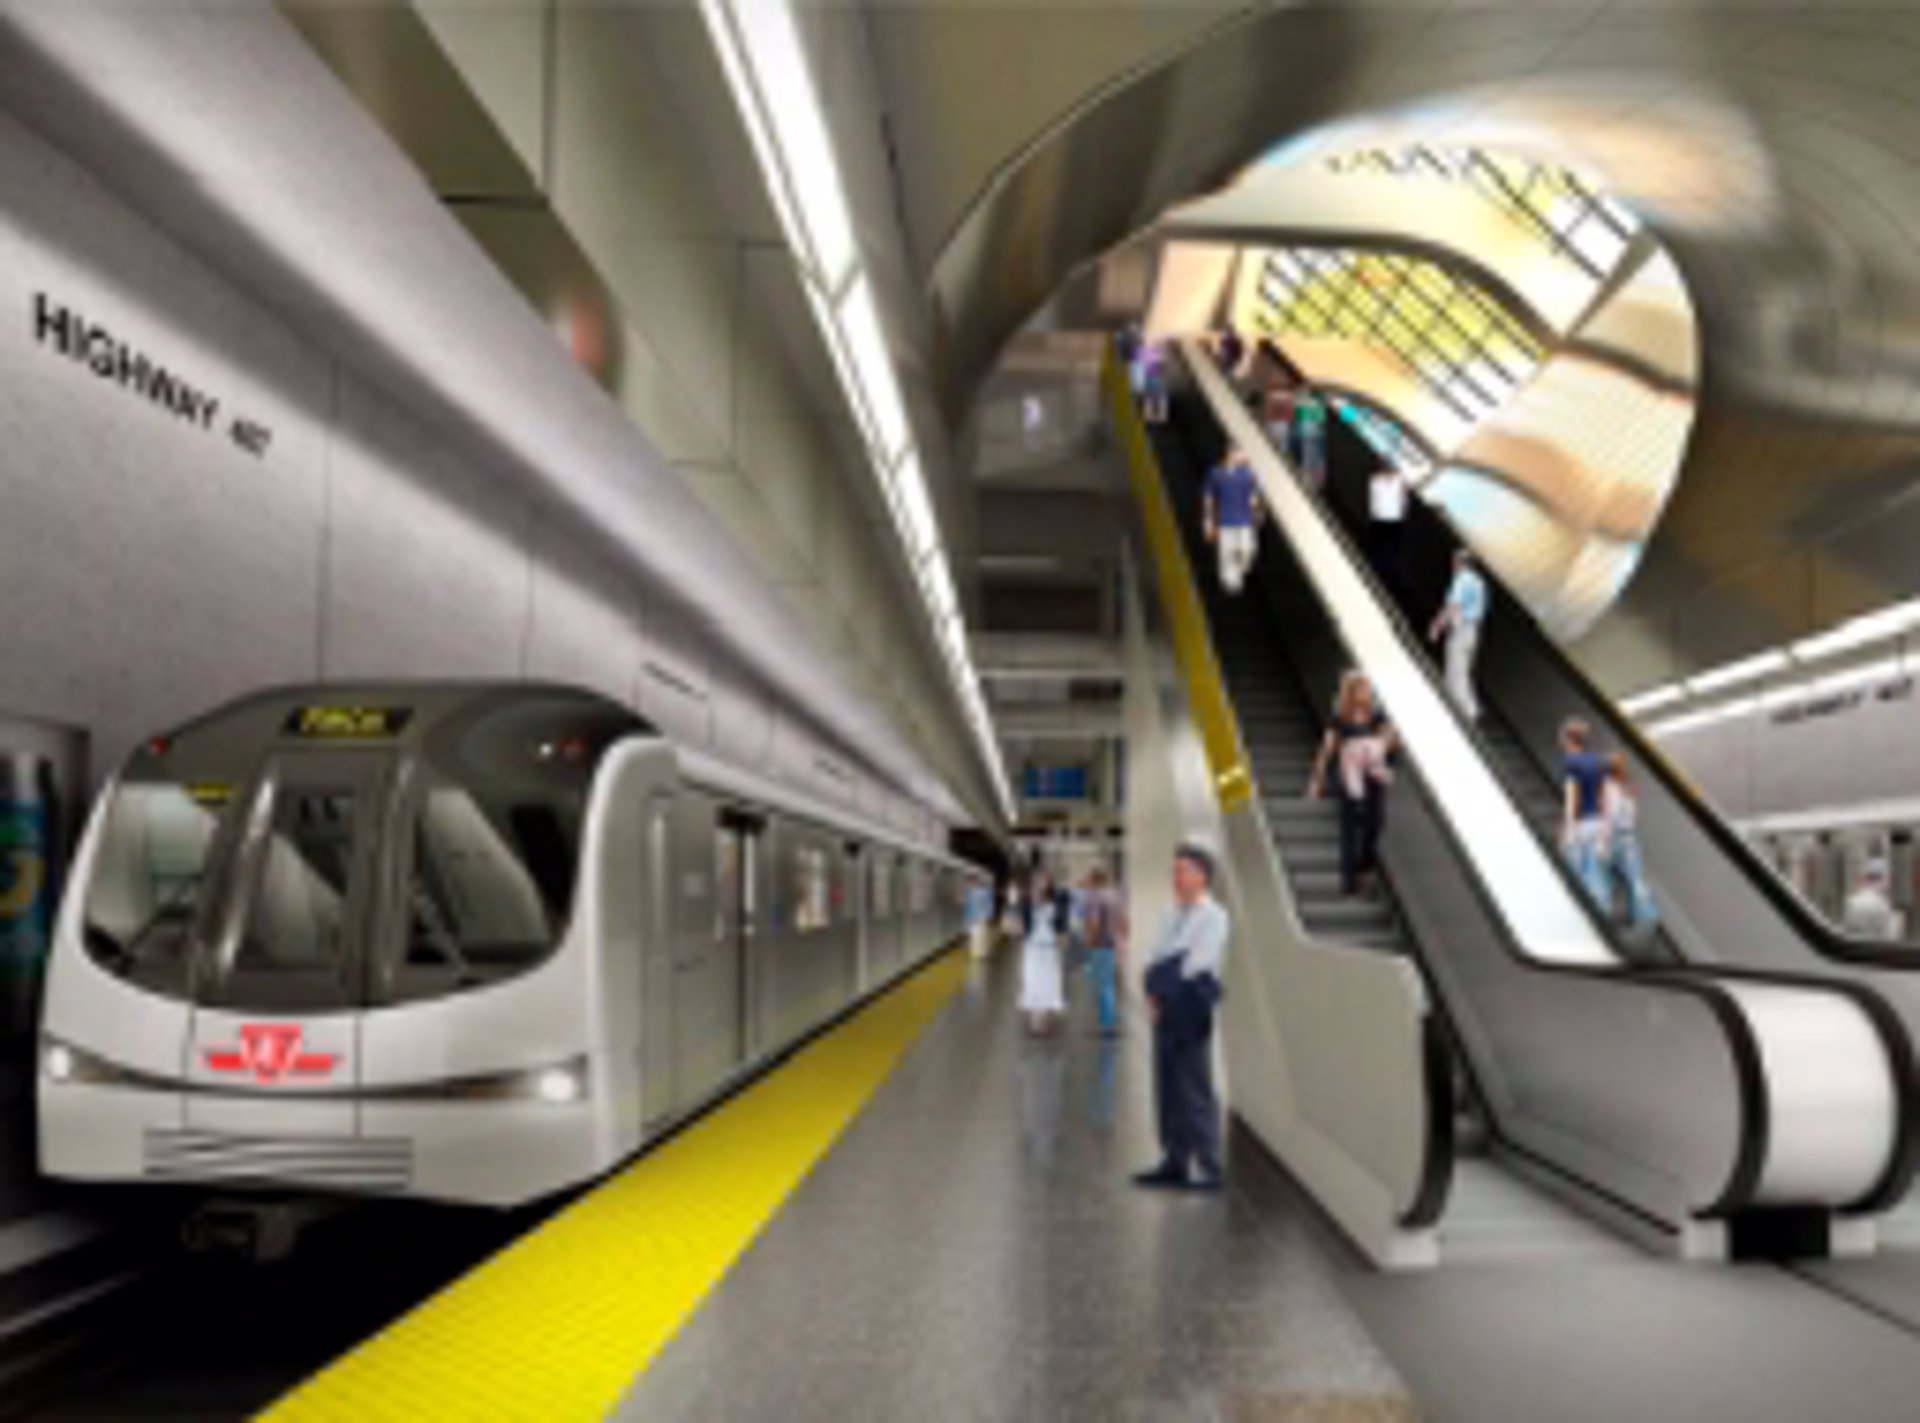 Economía/Empresas - FCC y OHL entran en Canadá al adjudicarse la ampliación  del metro de Toronto por 304 millones